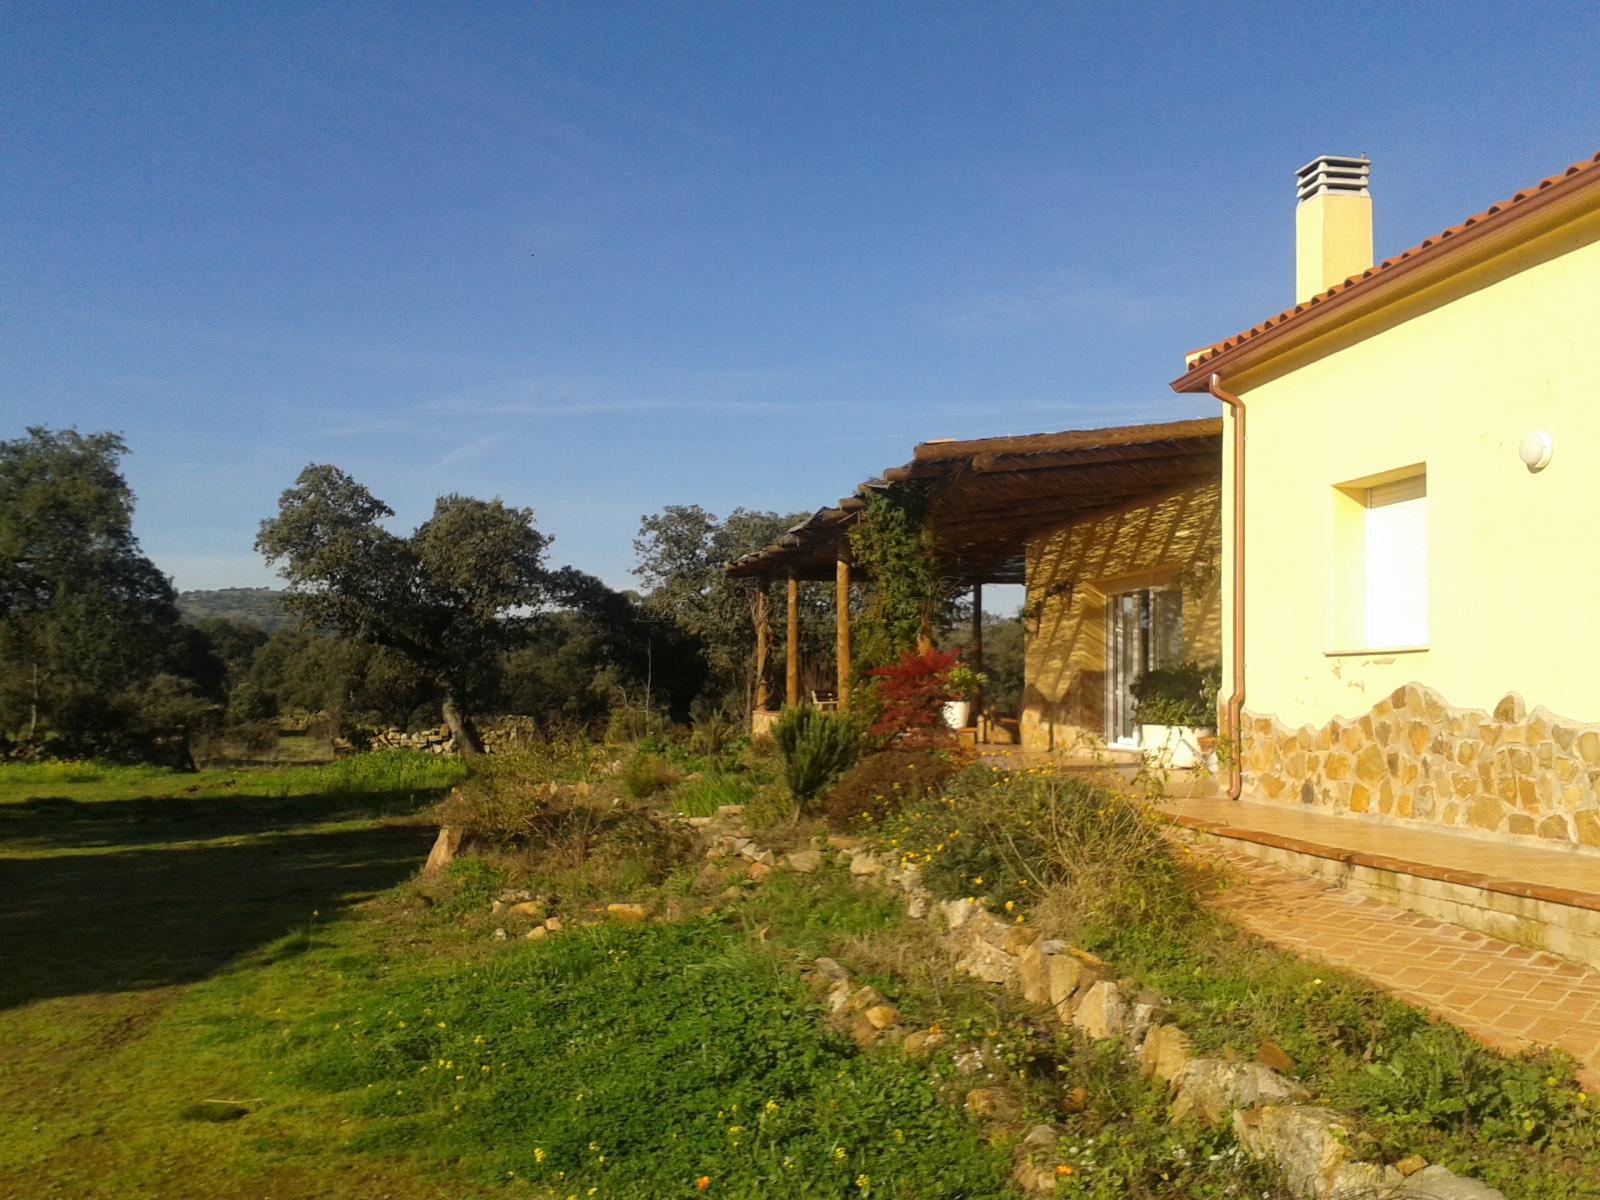 Opiniones sobre casa rural la dehesa de campo viejo c ceres - Requisitos para montar una casa rural ...